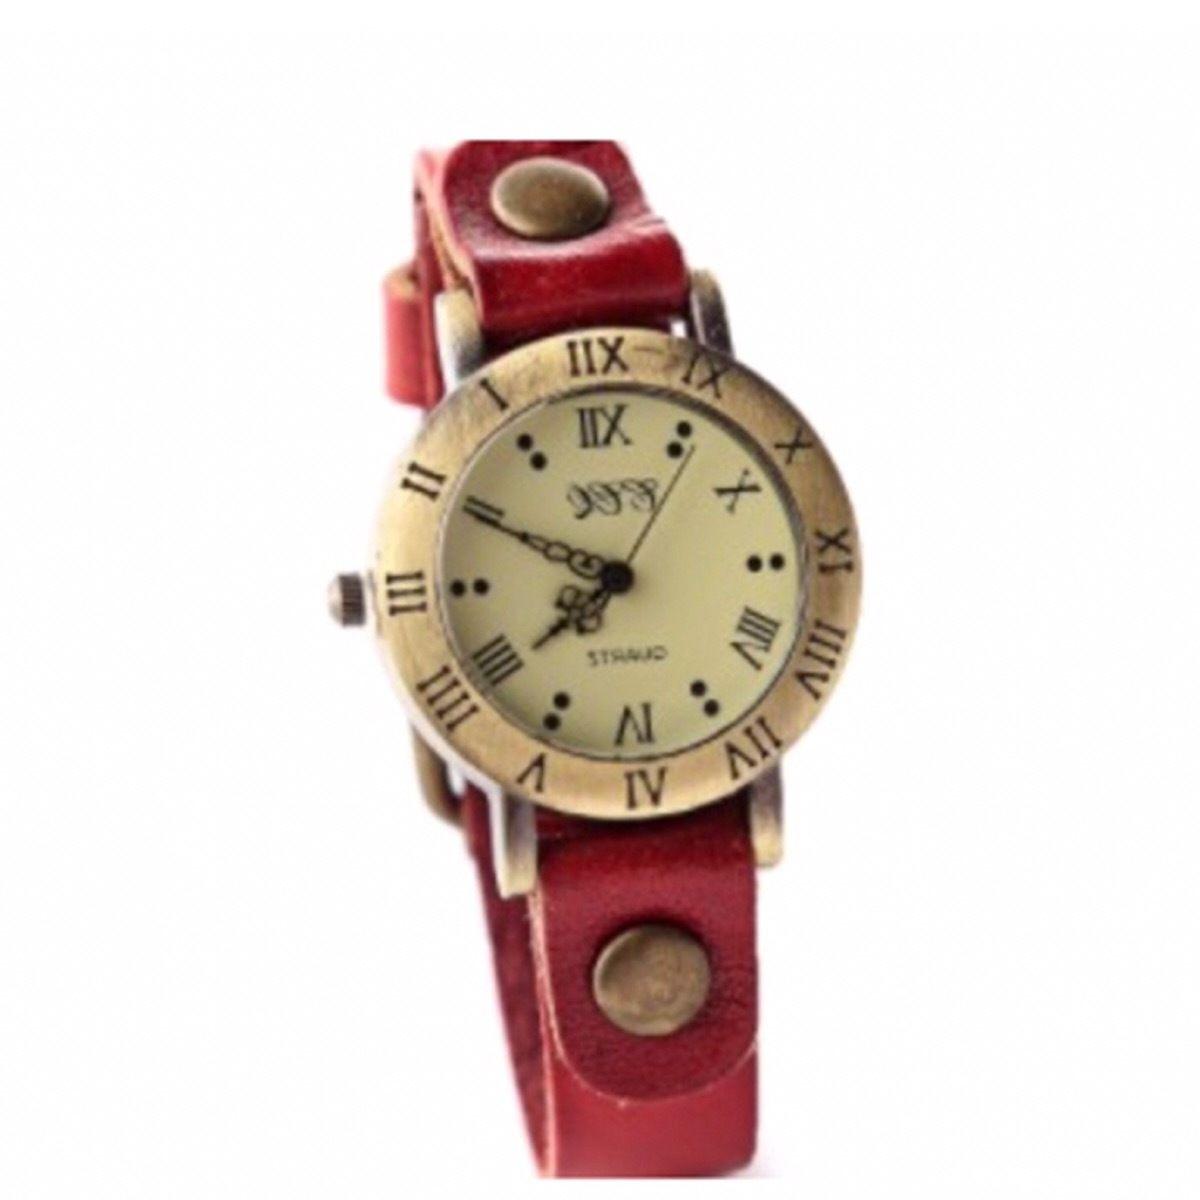 レザーウォッチ 腕時計 メンズ レディース シンプル ギフト 人気 プレゼント 時計 おしゃれ 安い かわいい プチプラ ブレスレット